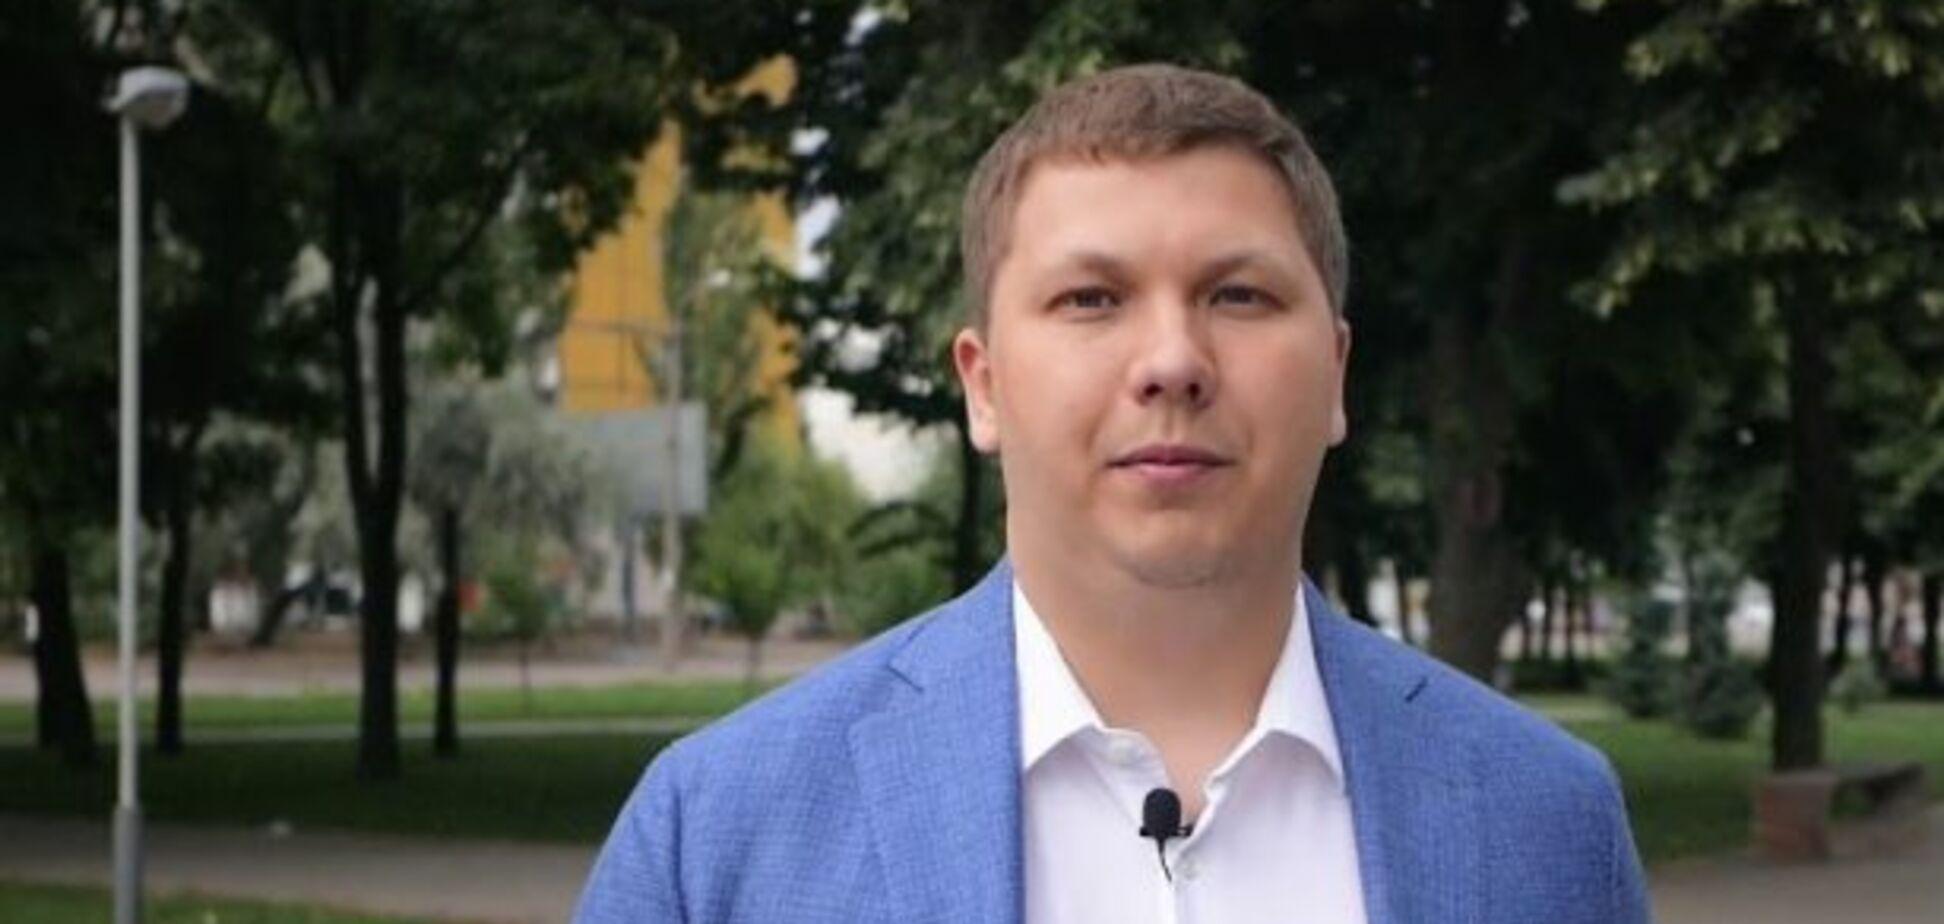 Переписка нардепа Медяника с прокурором: в 'Слуге народа' заступились за скандального политика